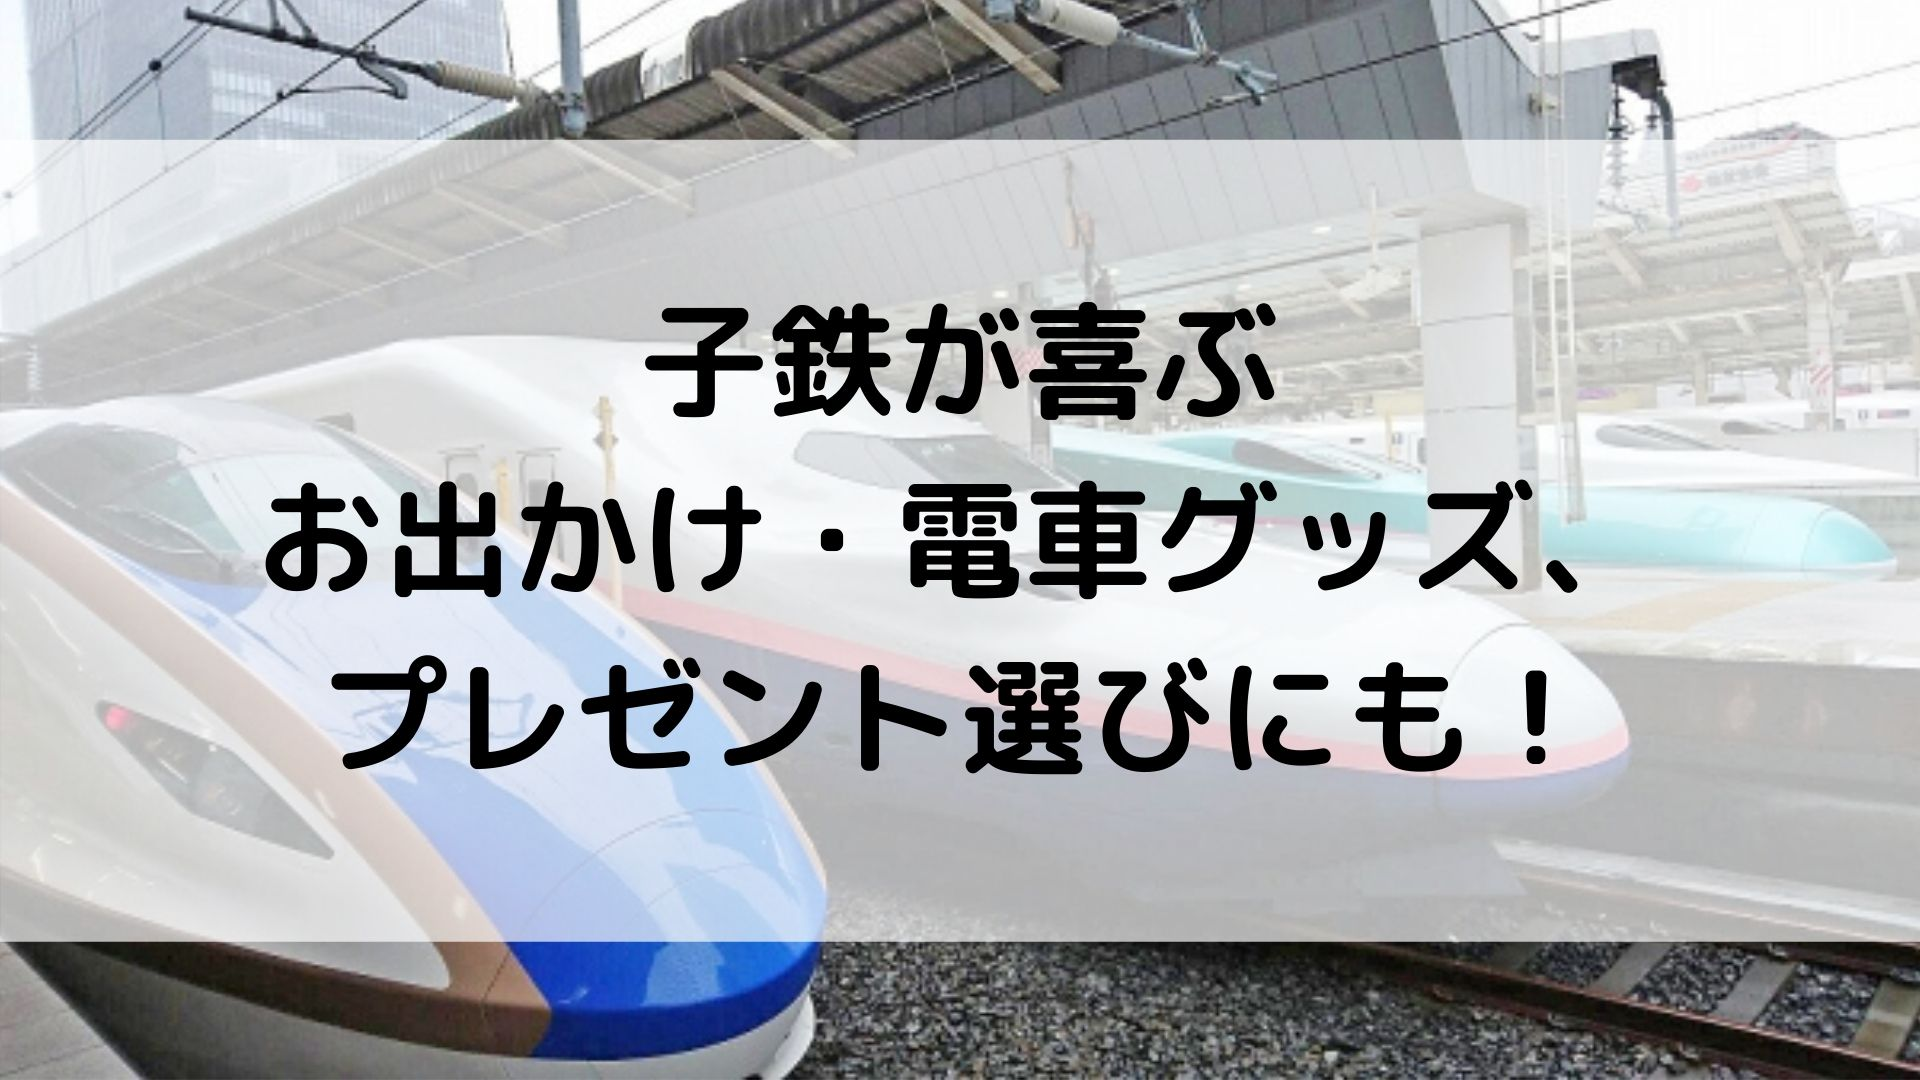 子鉄が喜ぶお出かけ・電車グッズ、プレゼント選びにも!